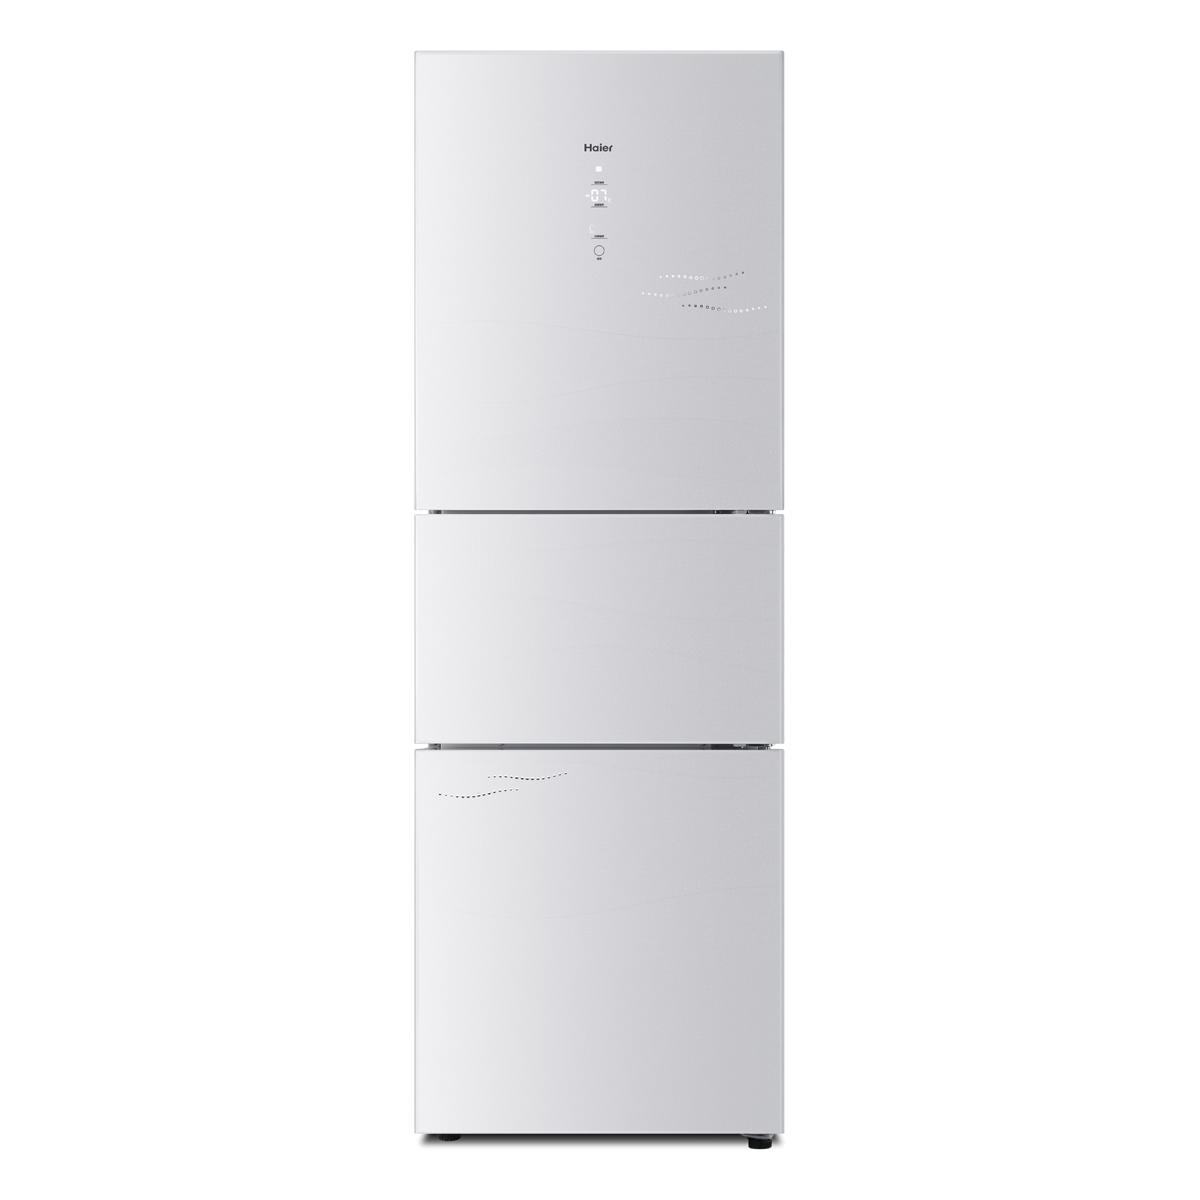 海尔Haier冰箱 BCD-231WDCV 说明书